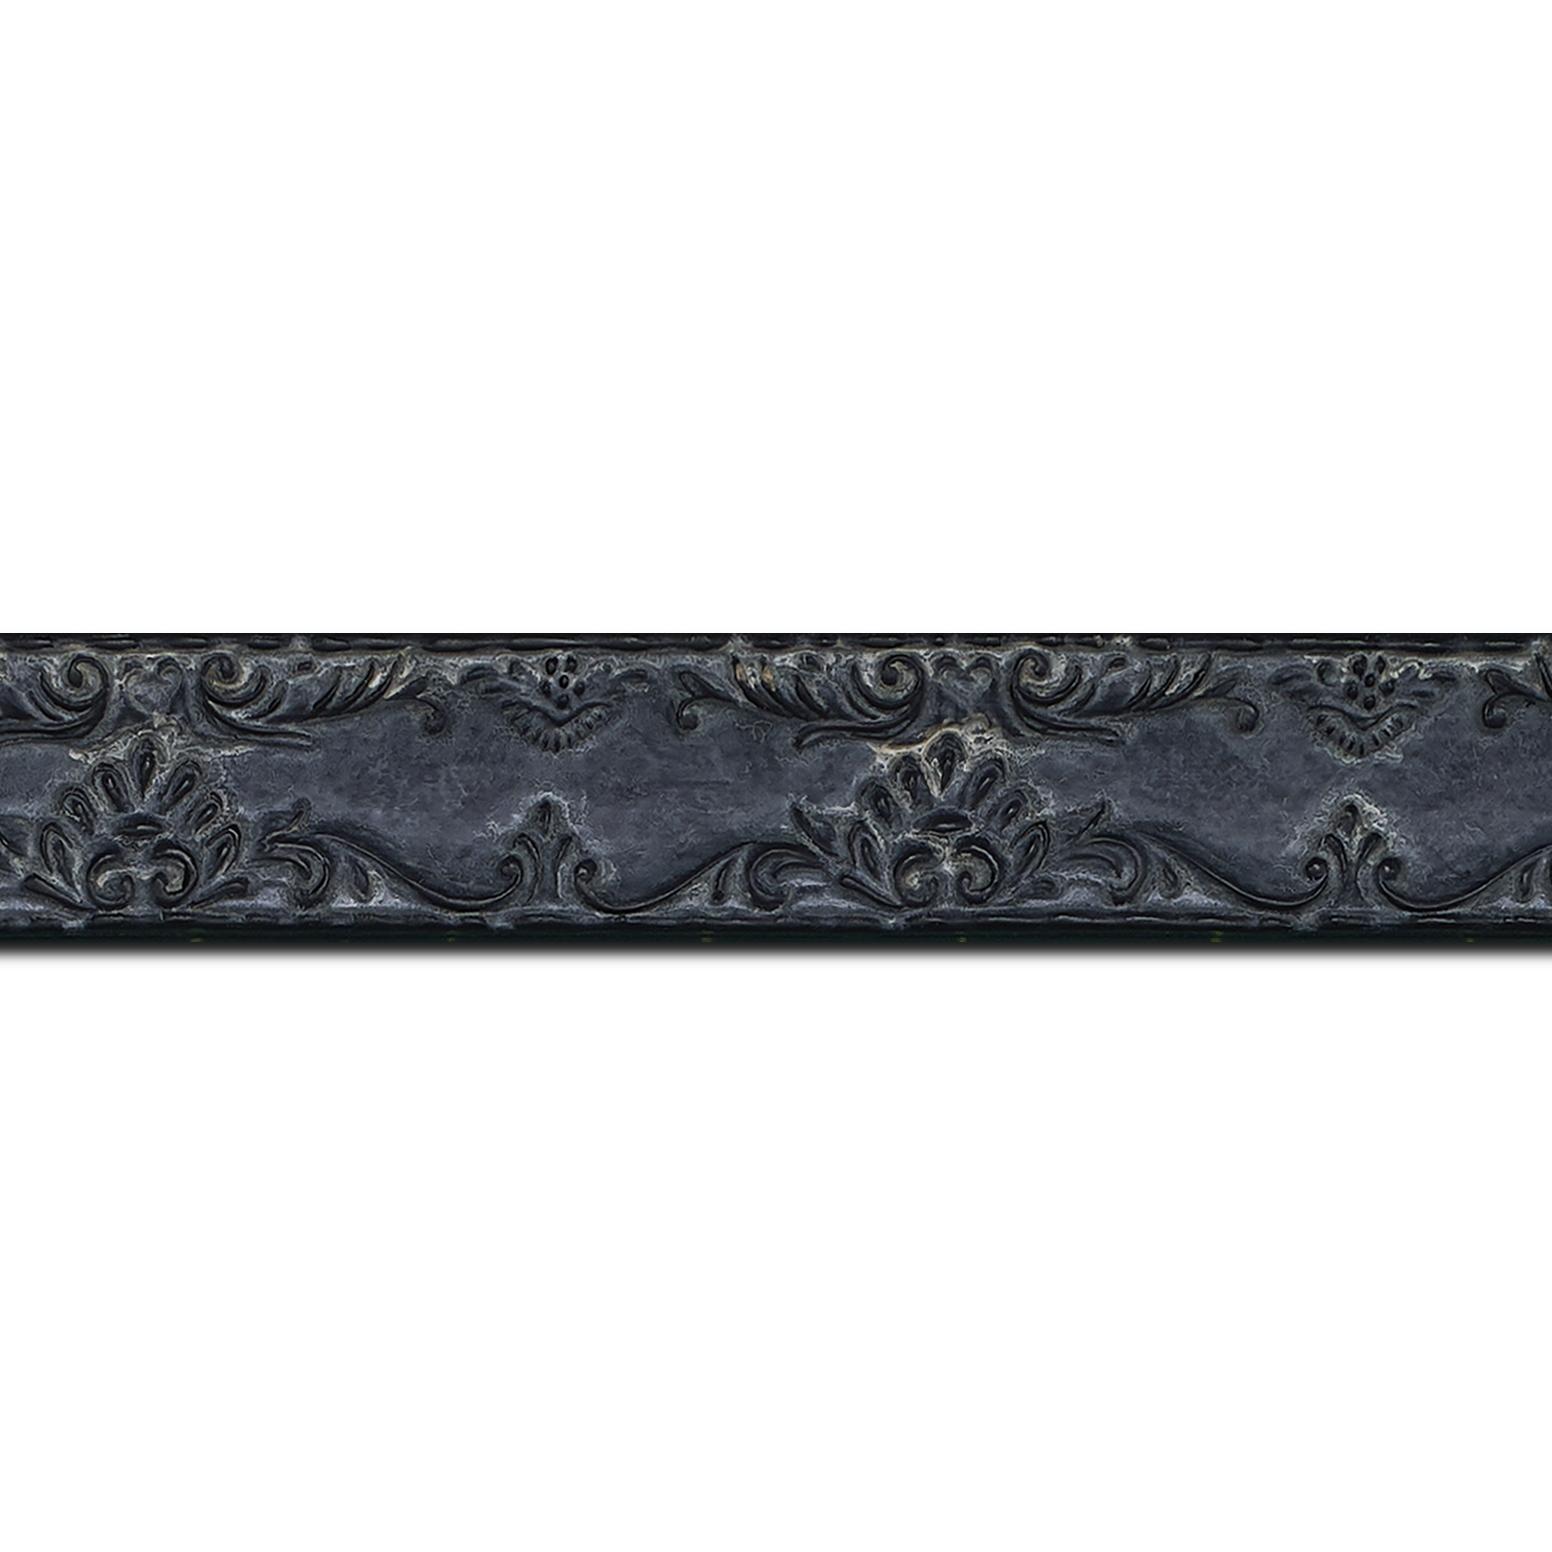 Pack par 12m, bois profil incurvé largeur 3cm couleur noir antique décor ancien (longueur baguette pouvant varier entre 2.40m et 3m selon arrivage des bois)